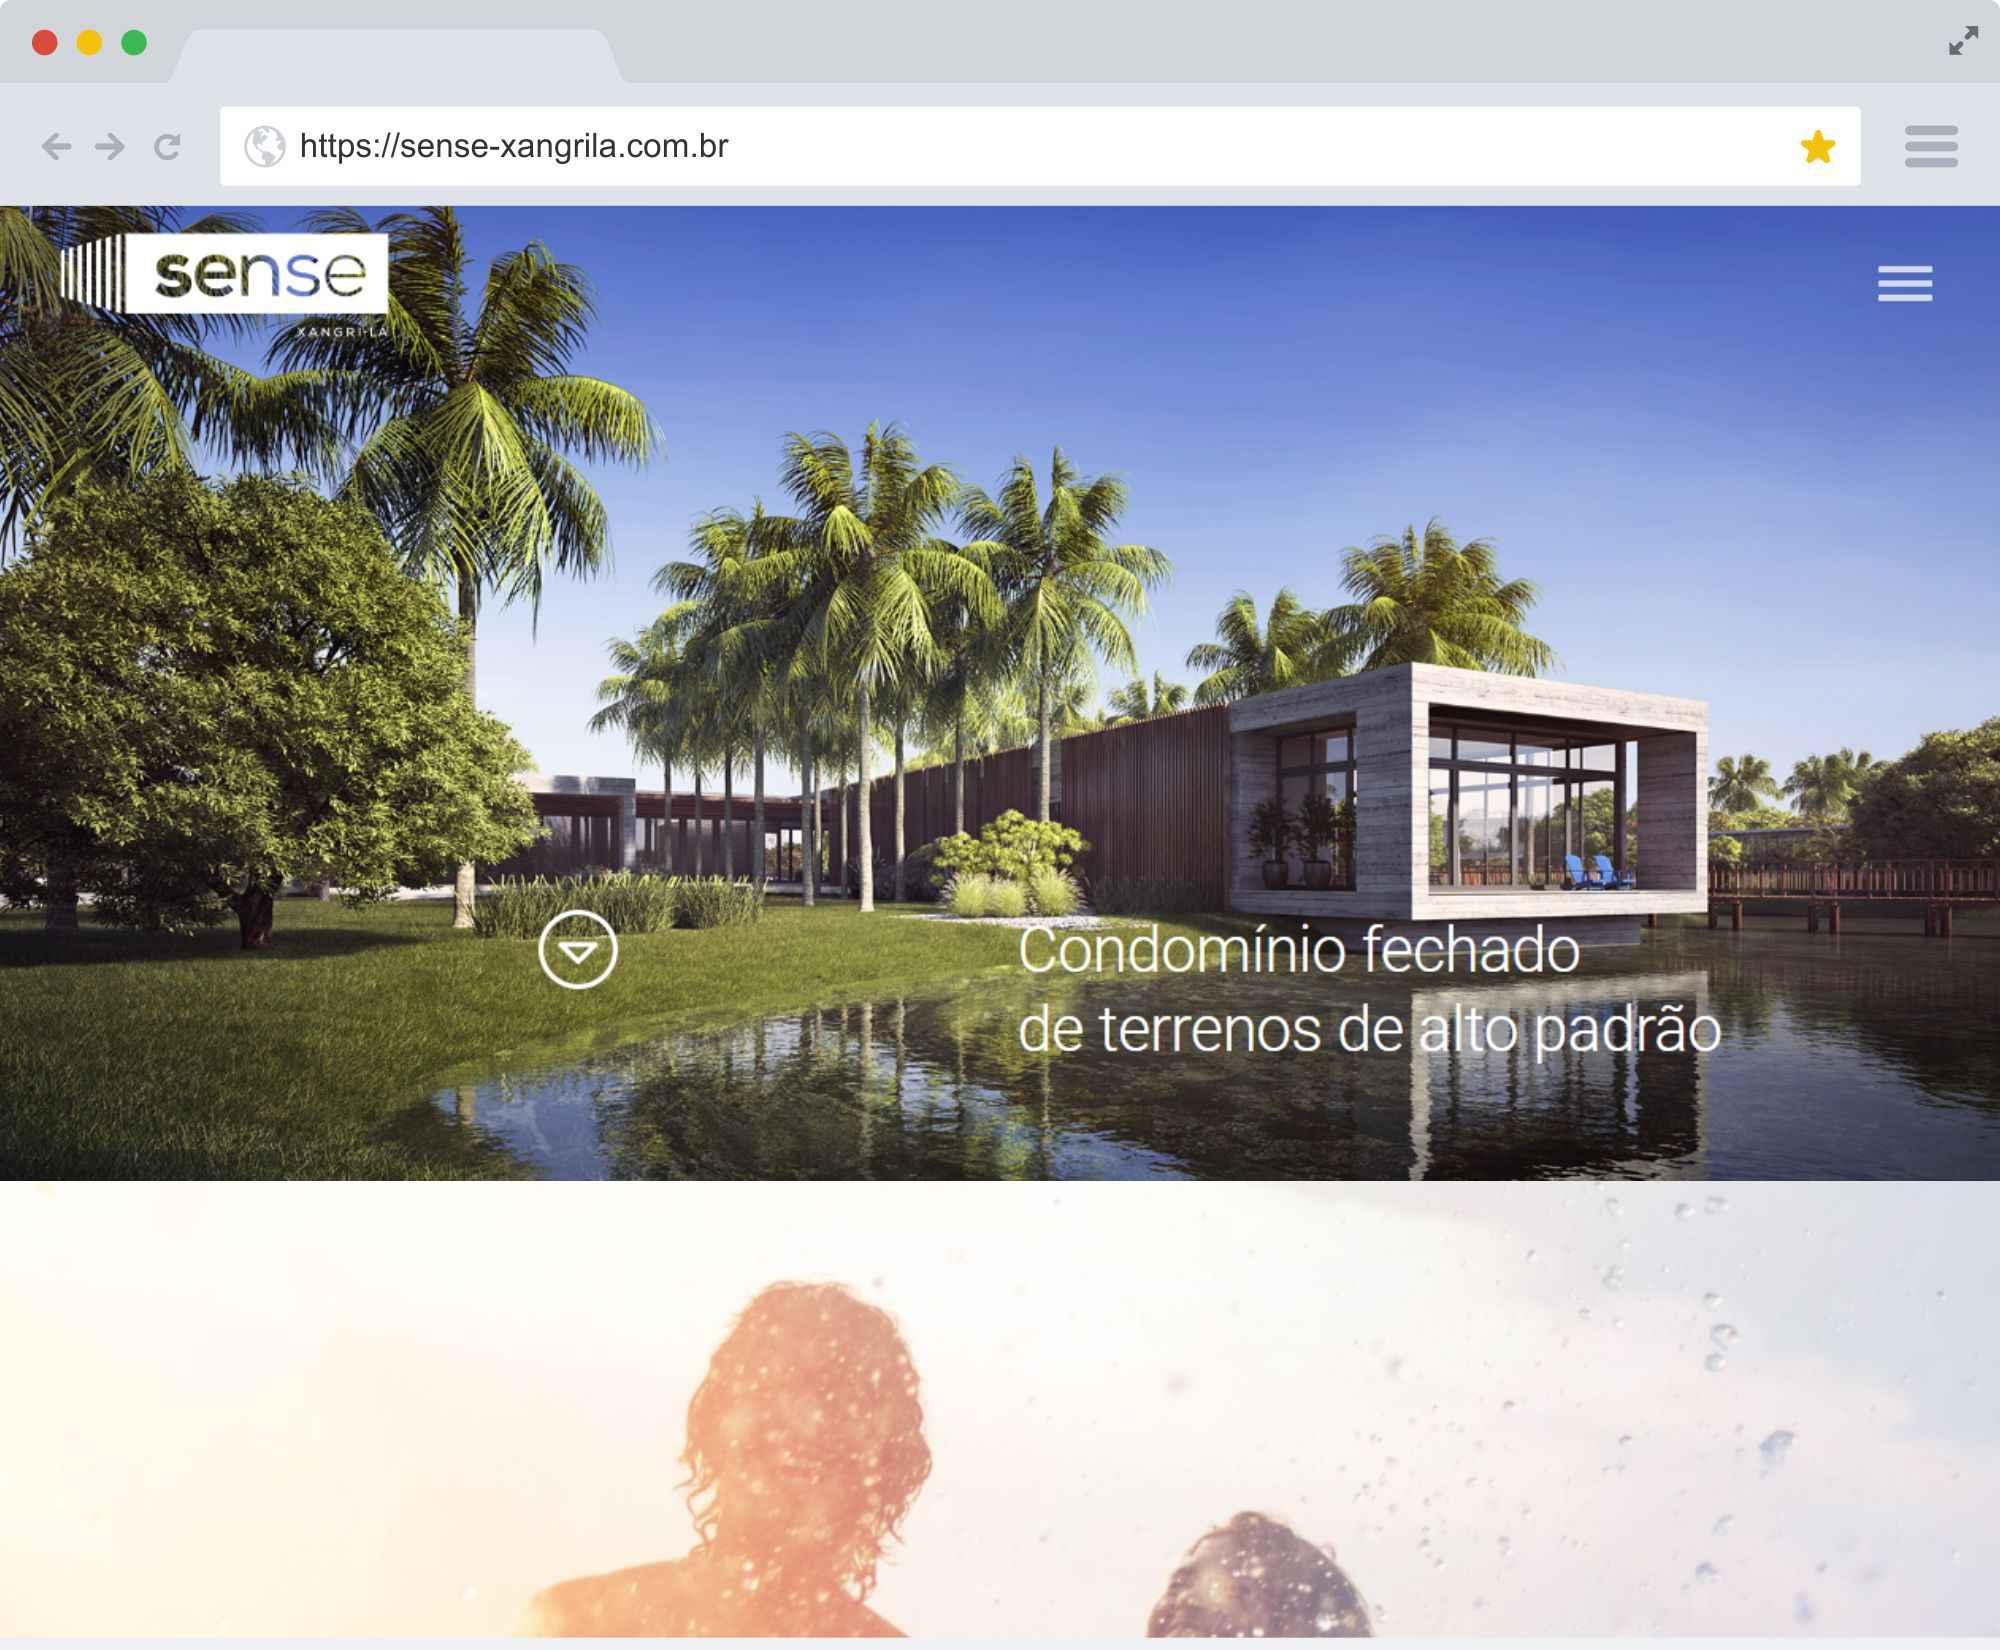 sense-xangrila.com.br